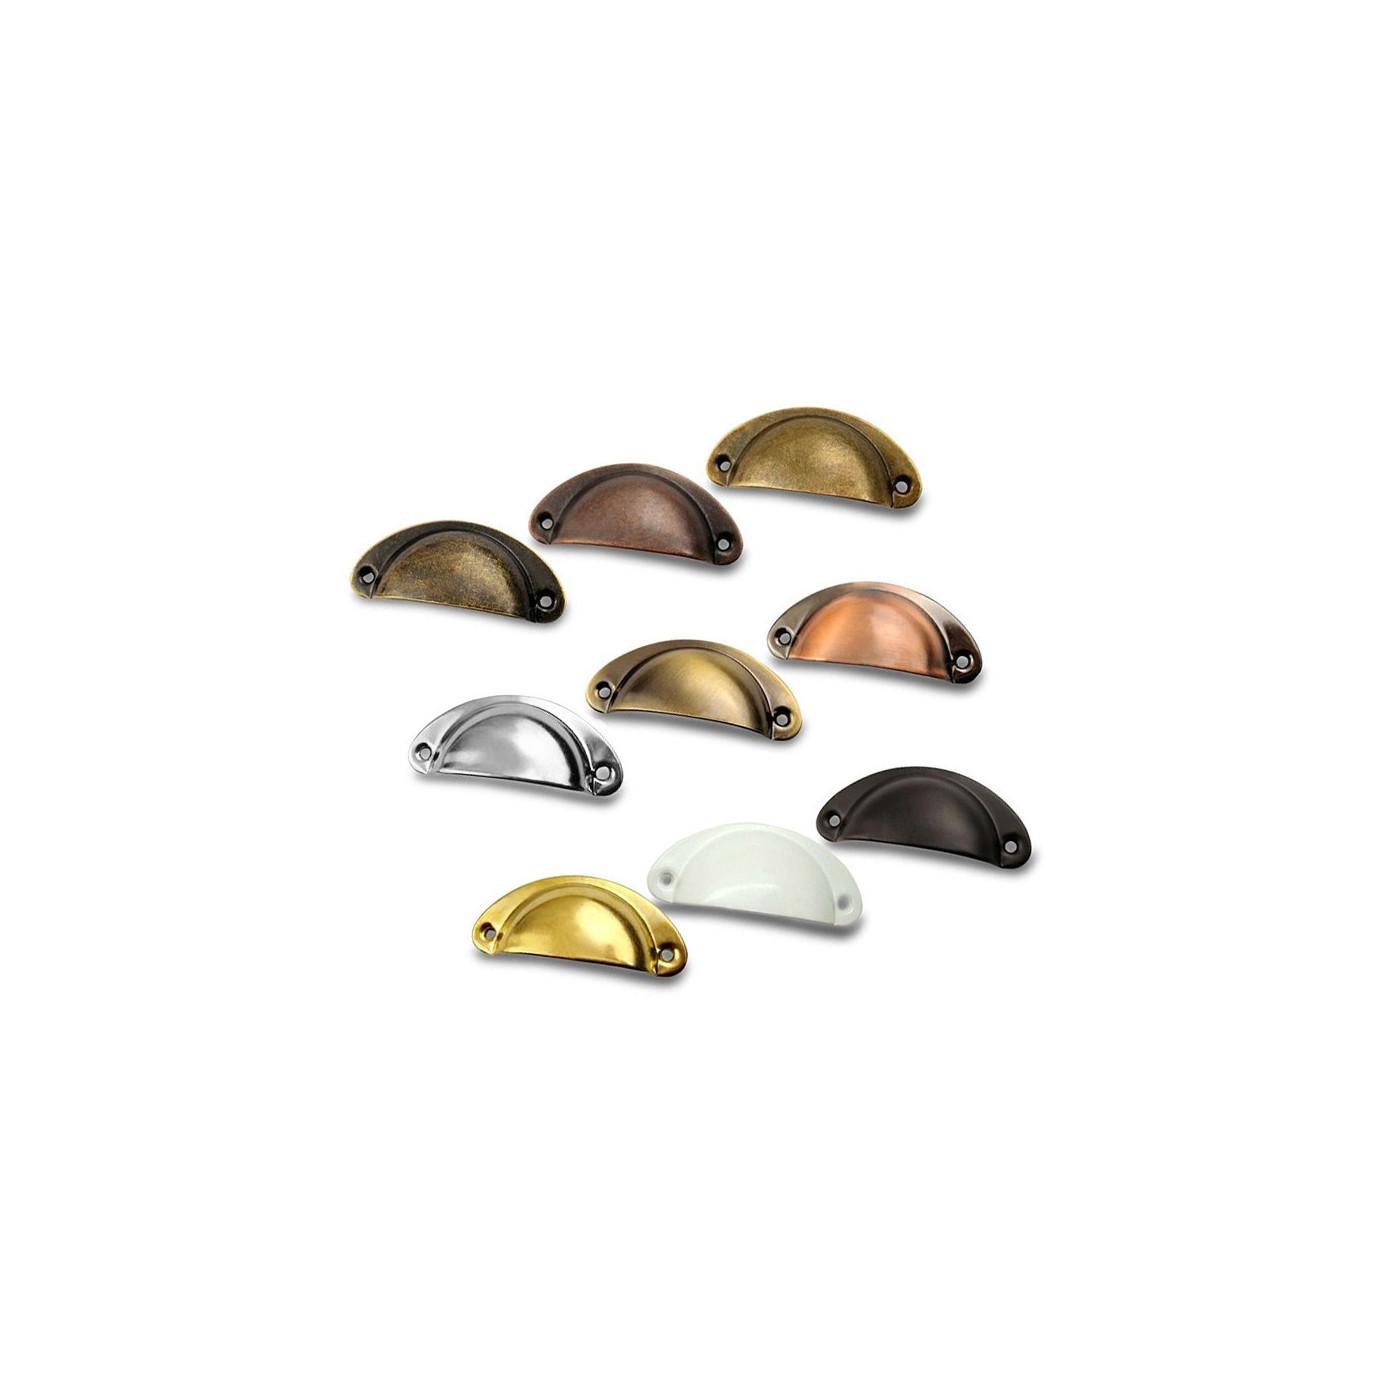 Lot de 10 poignées coquillage pour meuble: coloris 2